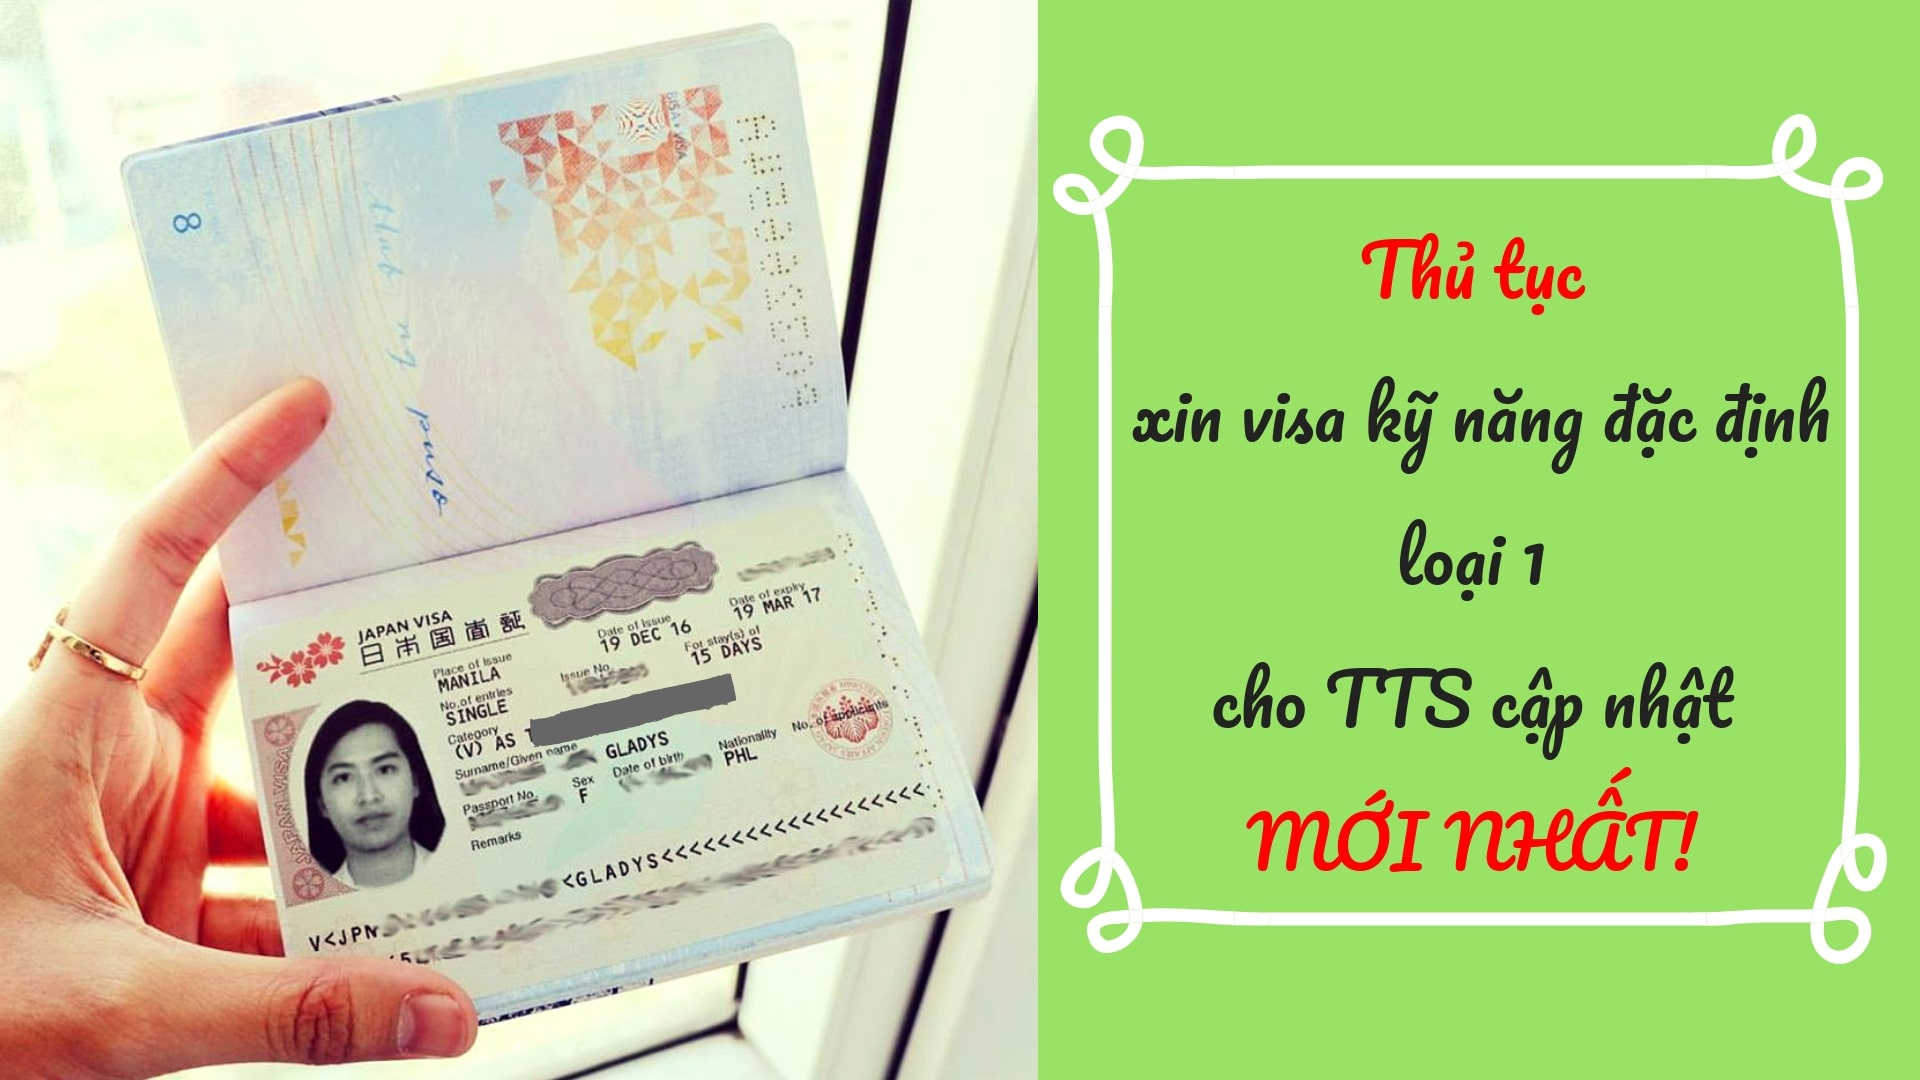 Hướng dẫn làm thủ tục hồ sơ xin visa kỹ năng đặc định CHI TIẾT NHẤT!